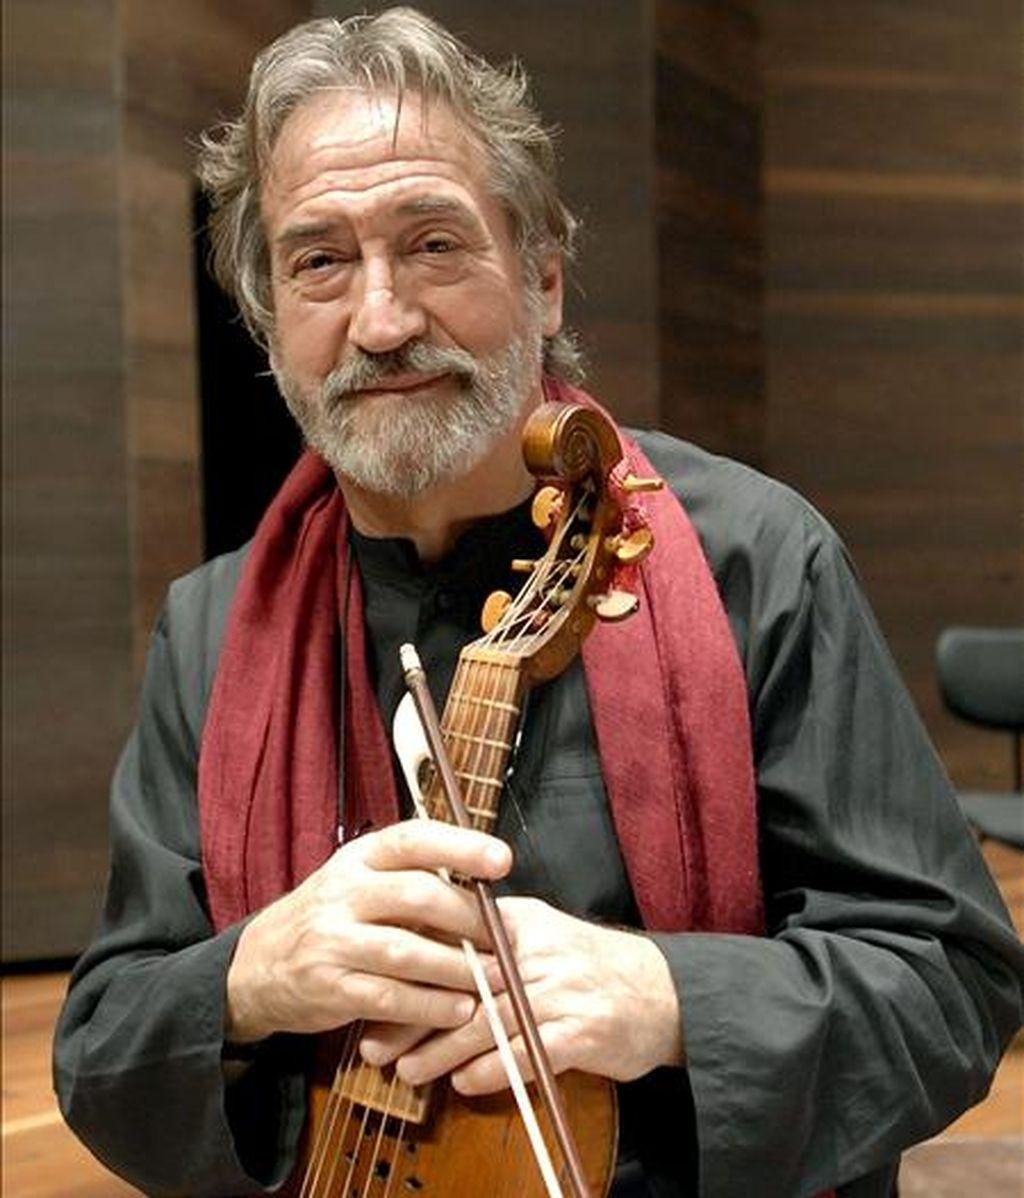 El violonchelista y musicólogo Jordi Savall. EFE/Archivo